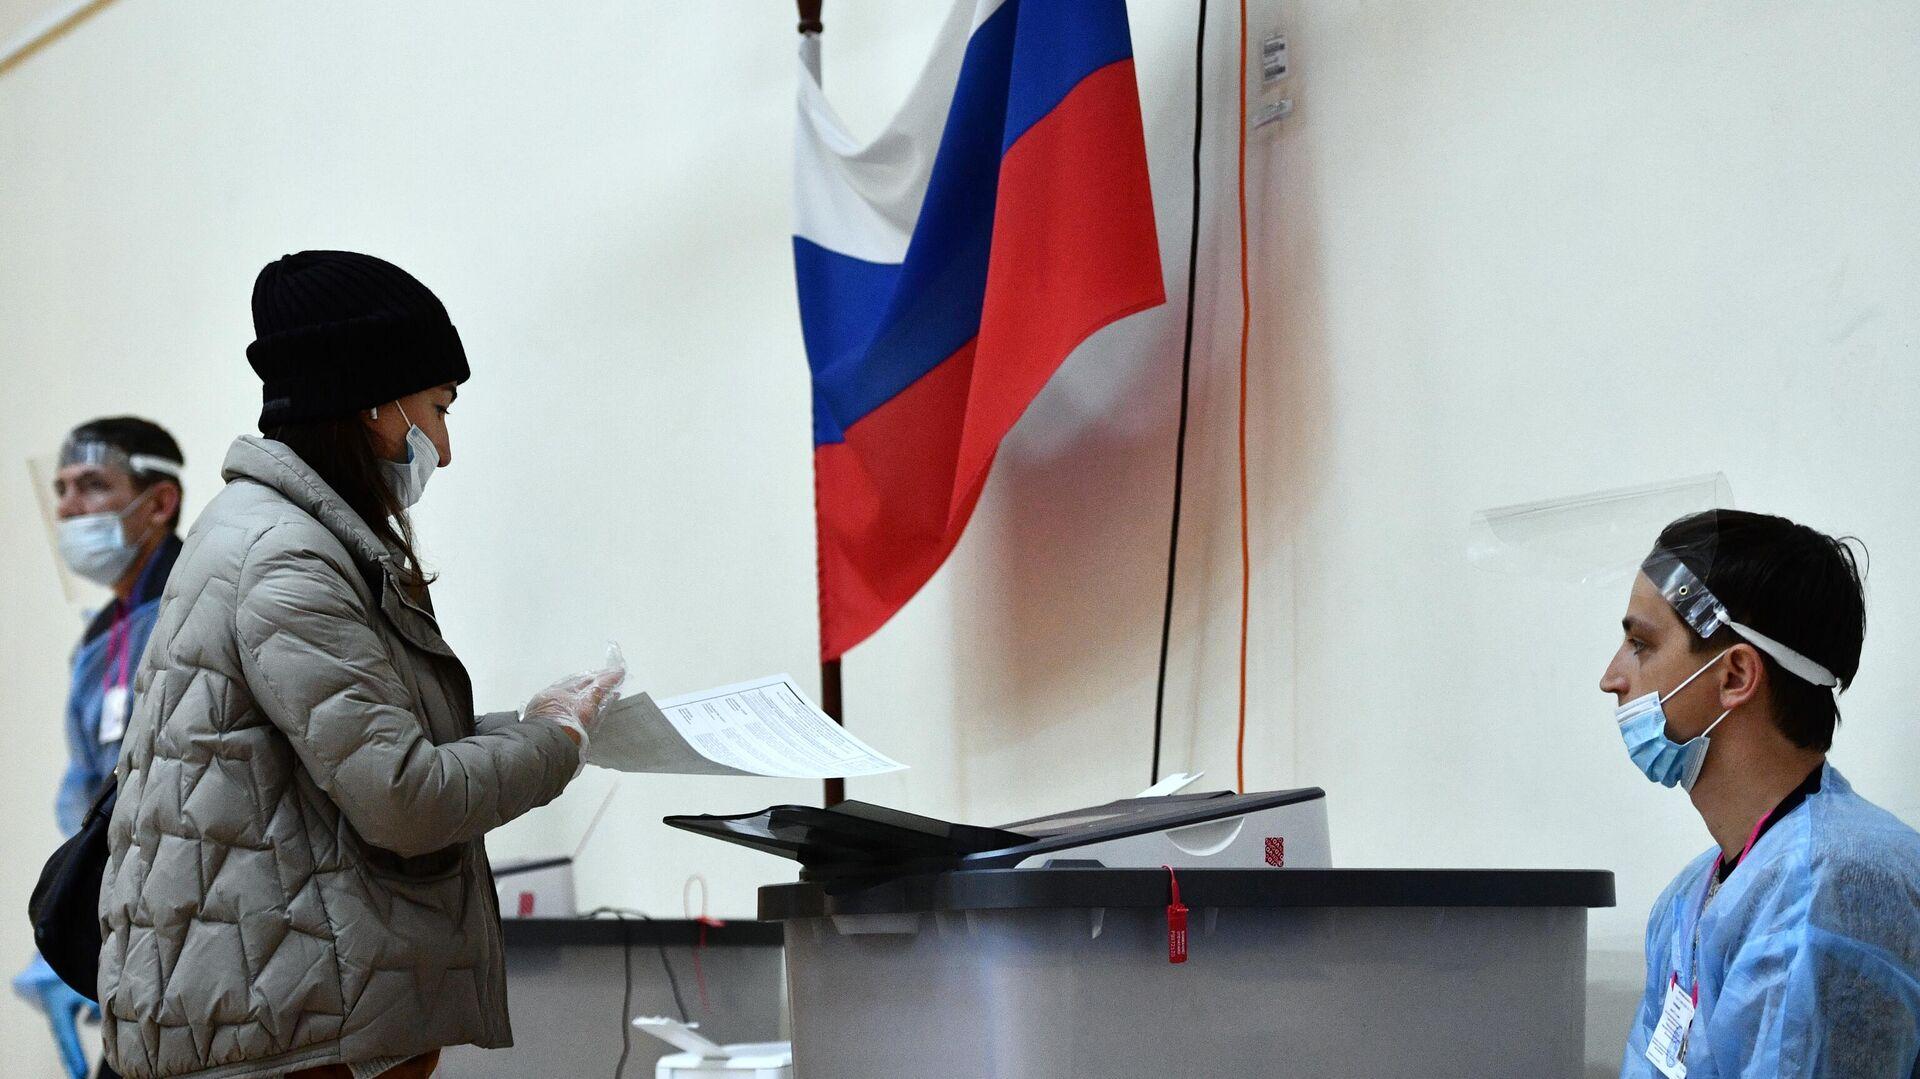 Женщина голосует на выборах депутатов Государственной Думы РФ на избирательном участке № 1331 в Екатеринбурге - РИА Новости, 1920, 19.09.2021